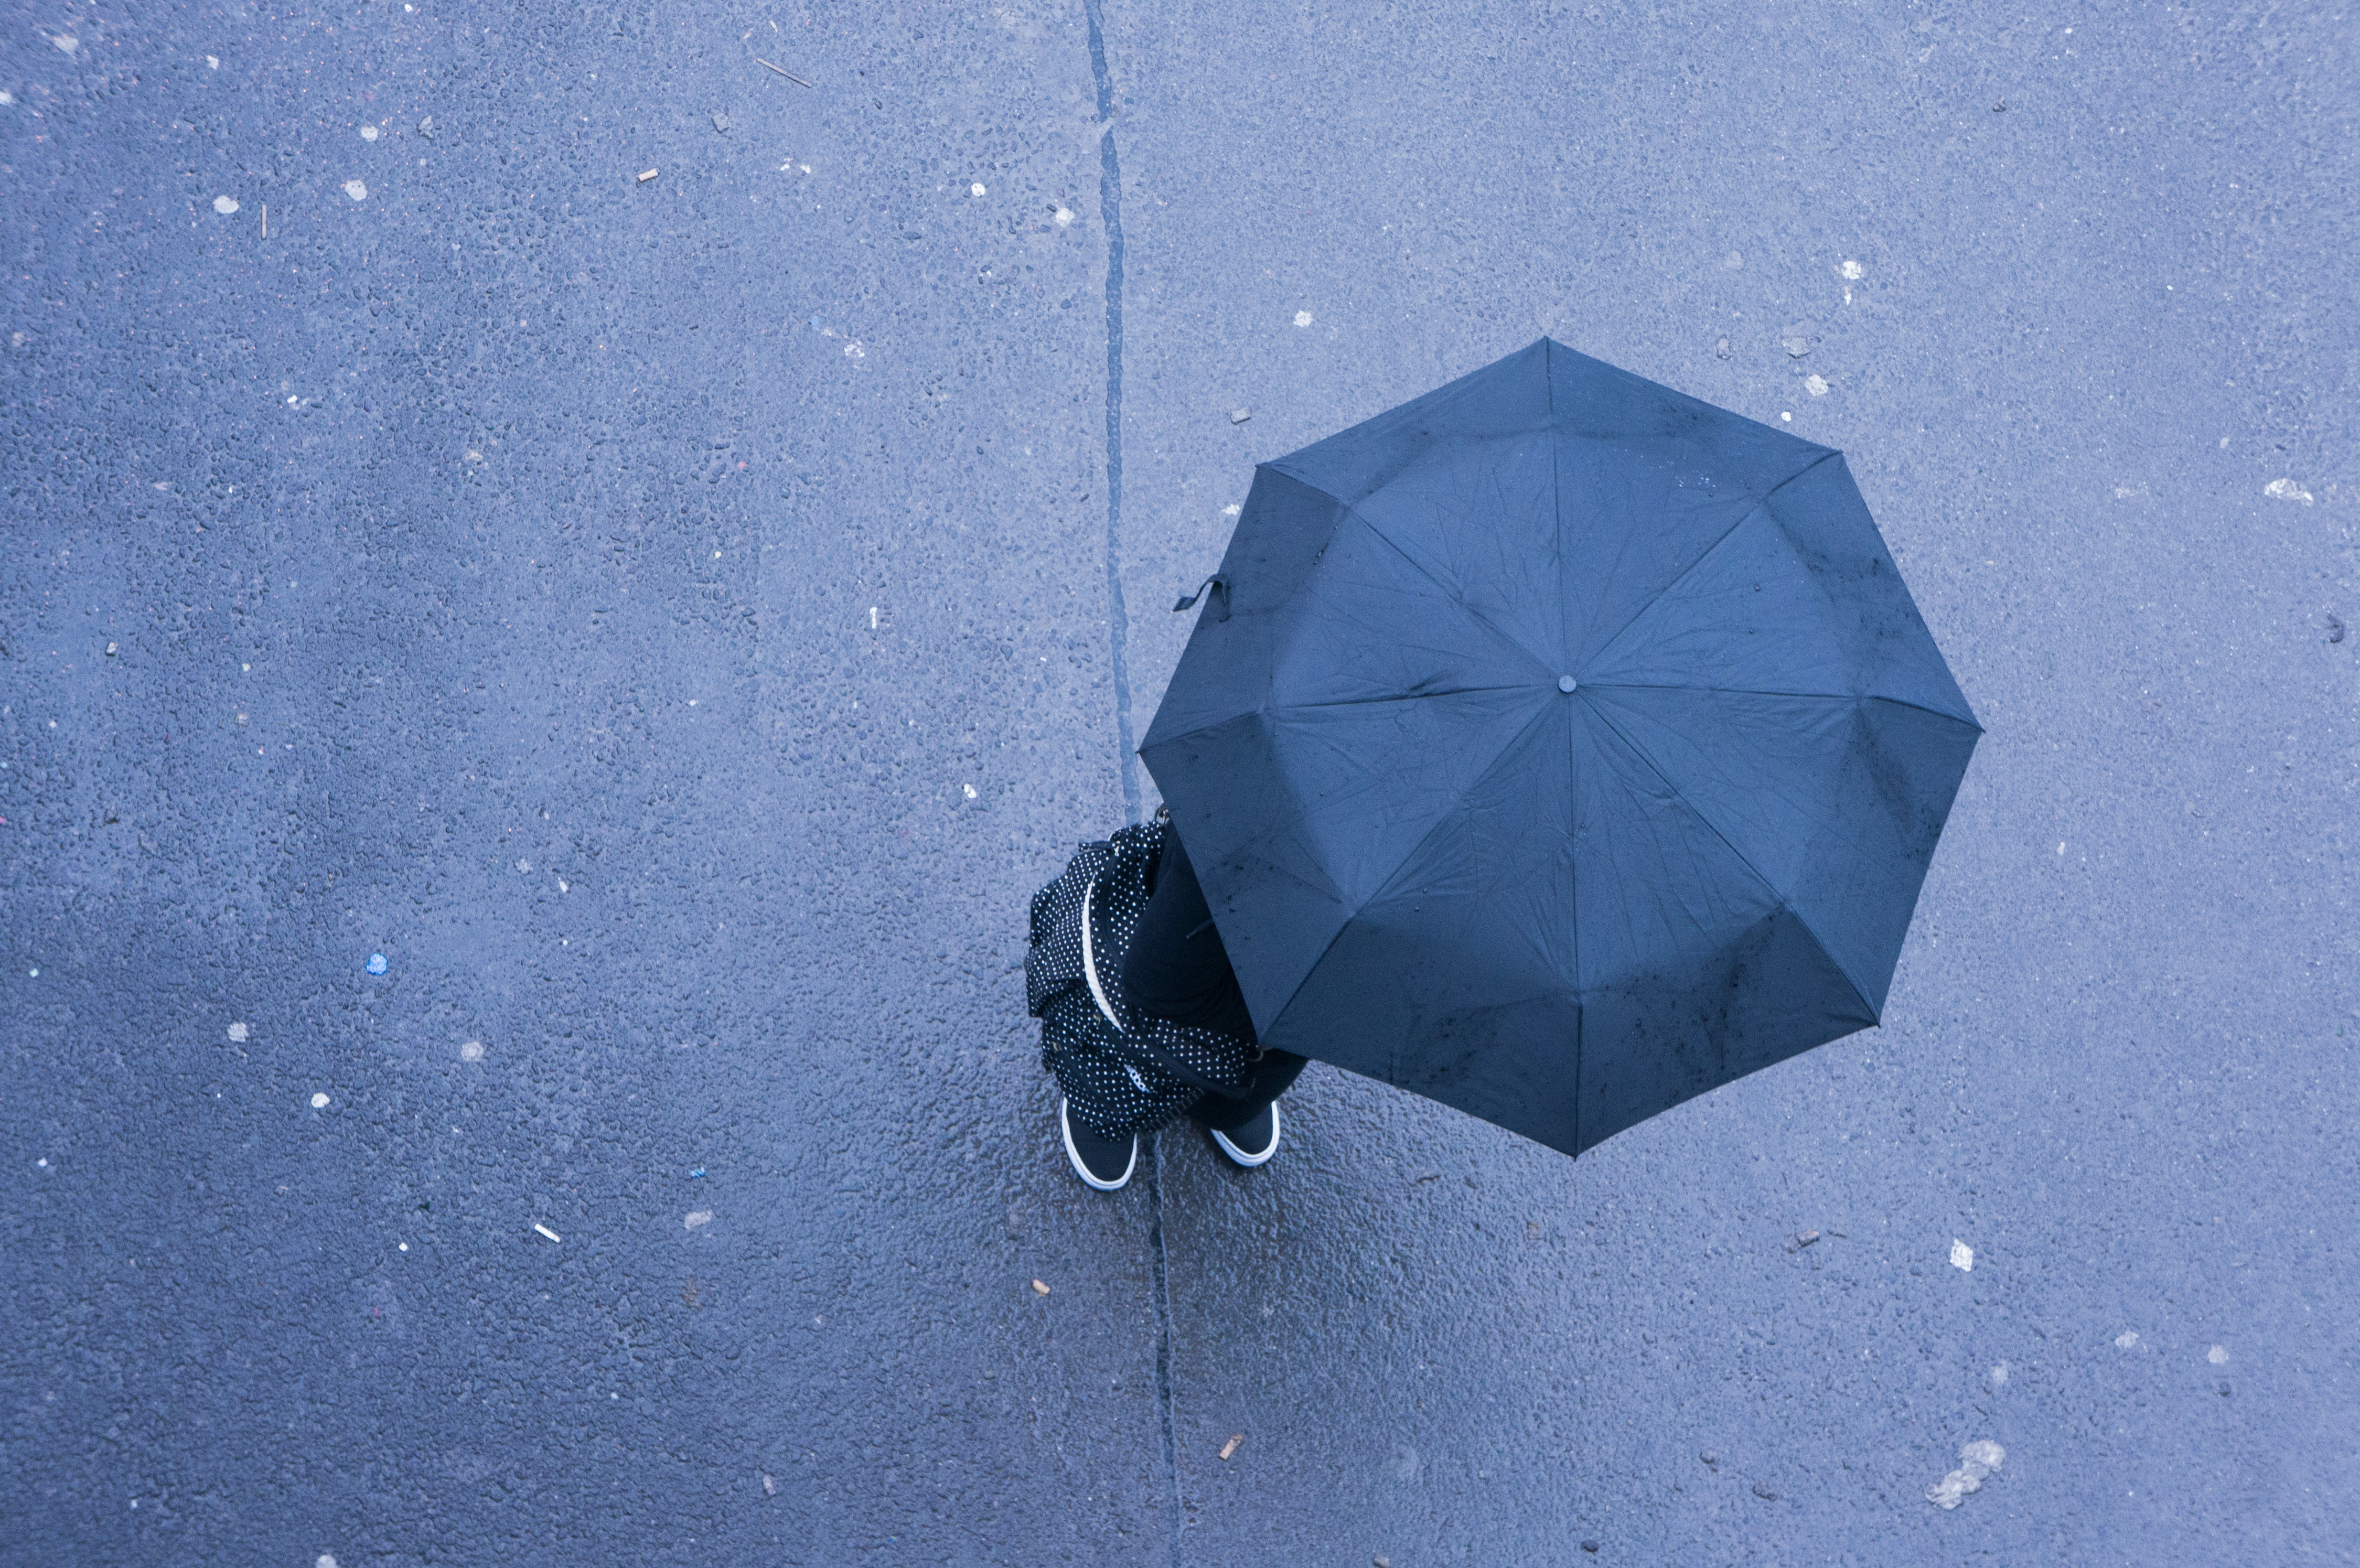 Regenschirm symbolbild berufsunfaehigkeitsversicherung akademiker.c154f5aa6326b9104a39aa35d946693d1